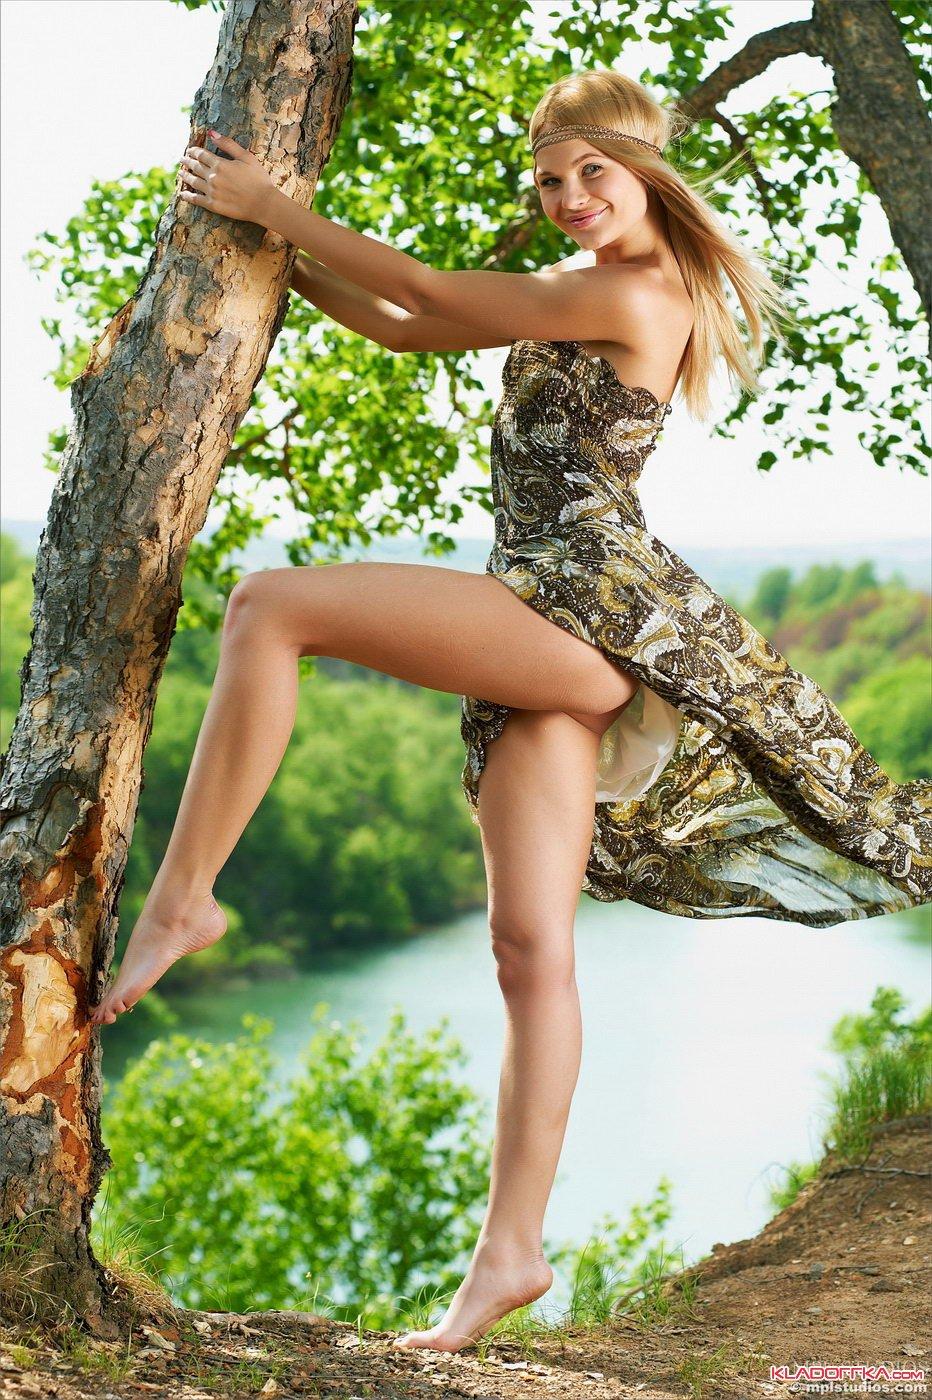 Порно фото платье природа — photo 10